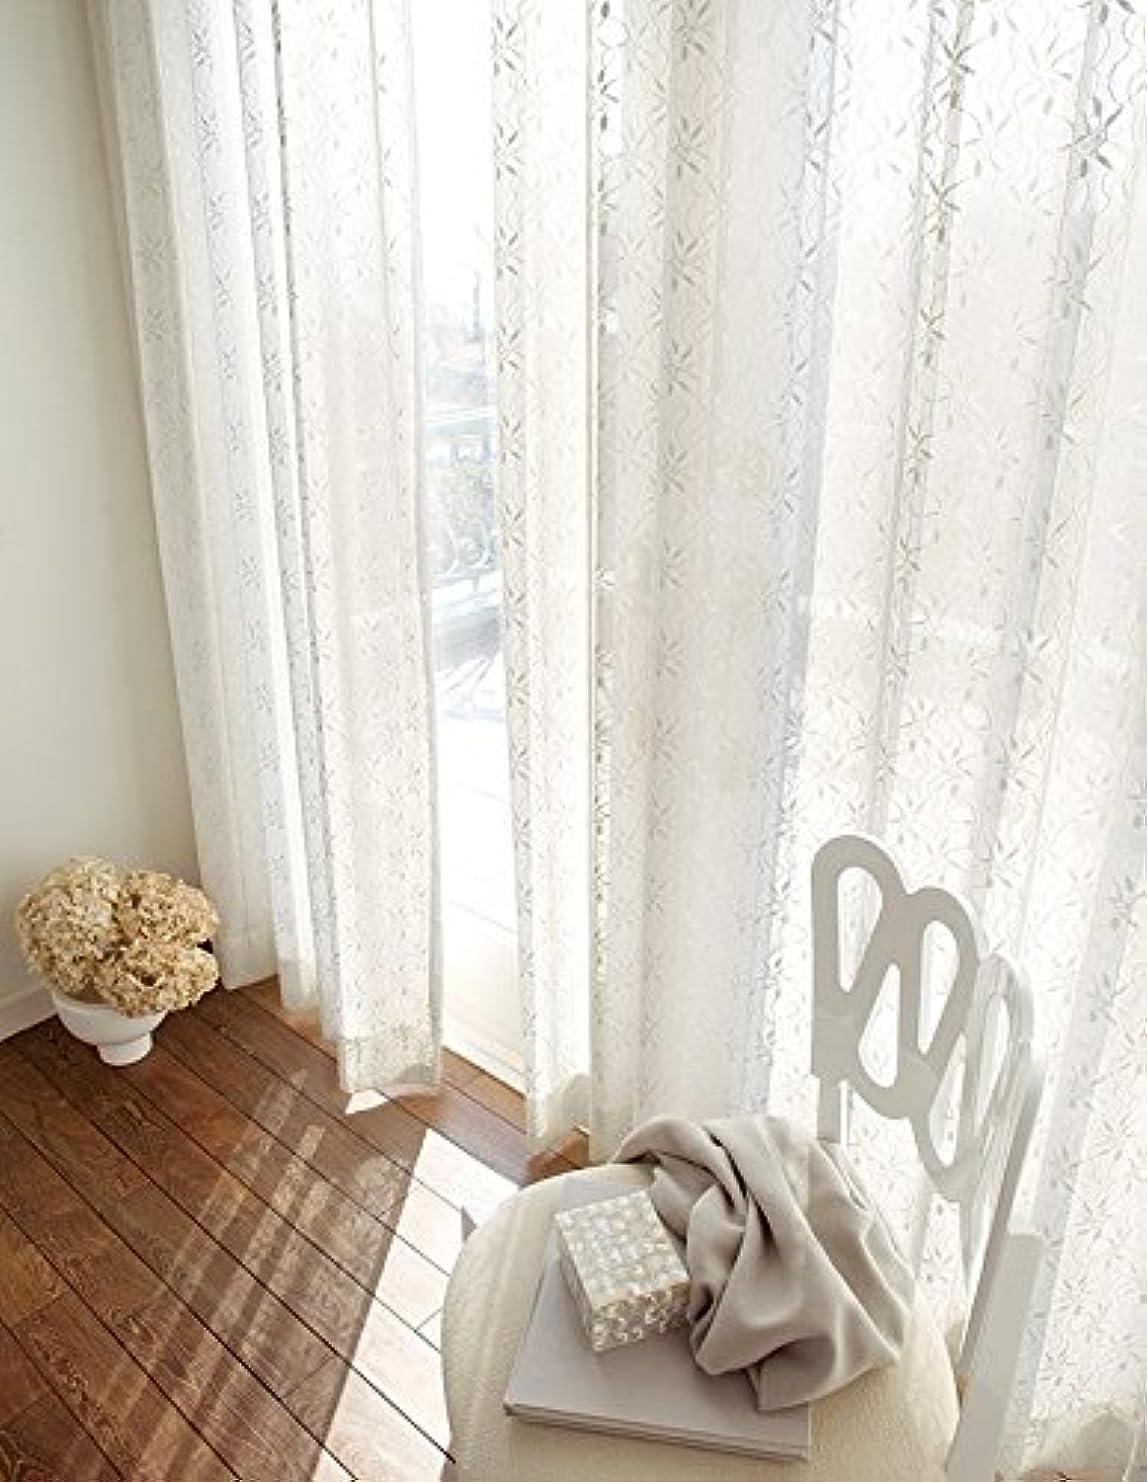 四面体球体乳製品東リ 花柄を立体的に表現 カーテン1.5倍ヒダ KSA60440 幅:300cm ×丈:170cm (2枚組)オーダーカーテン